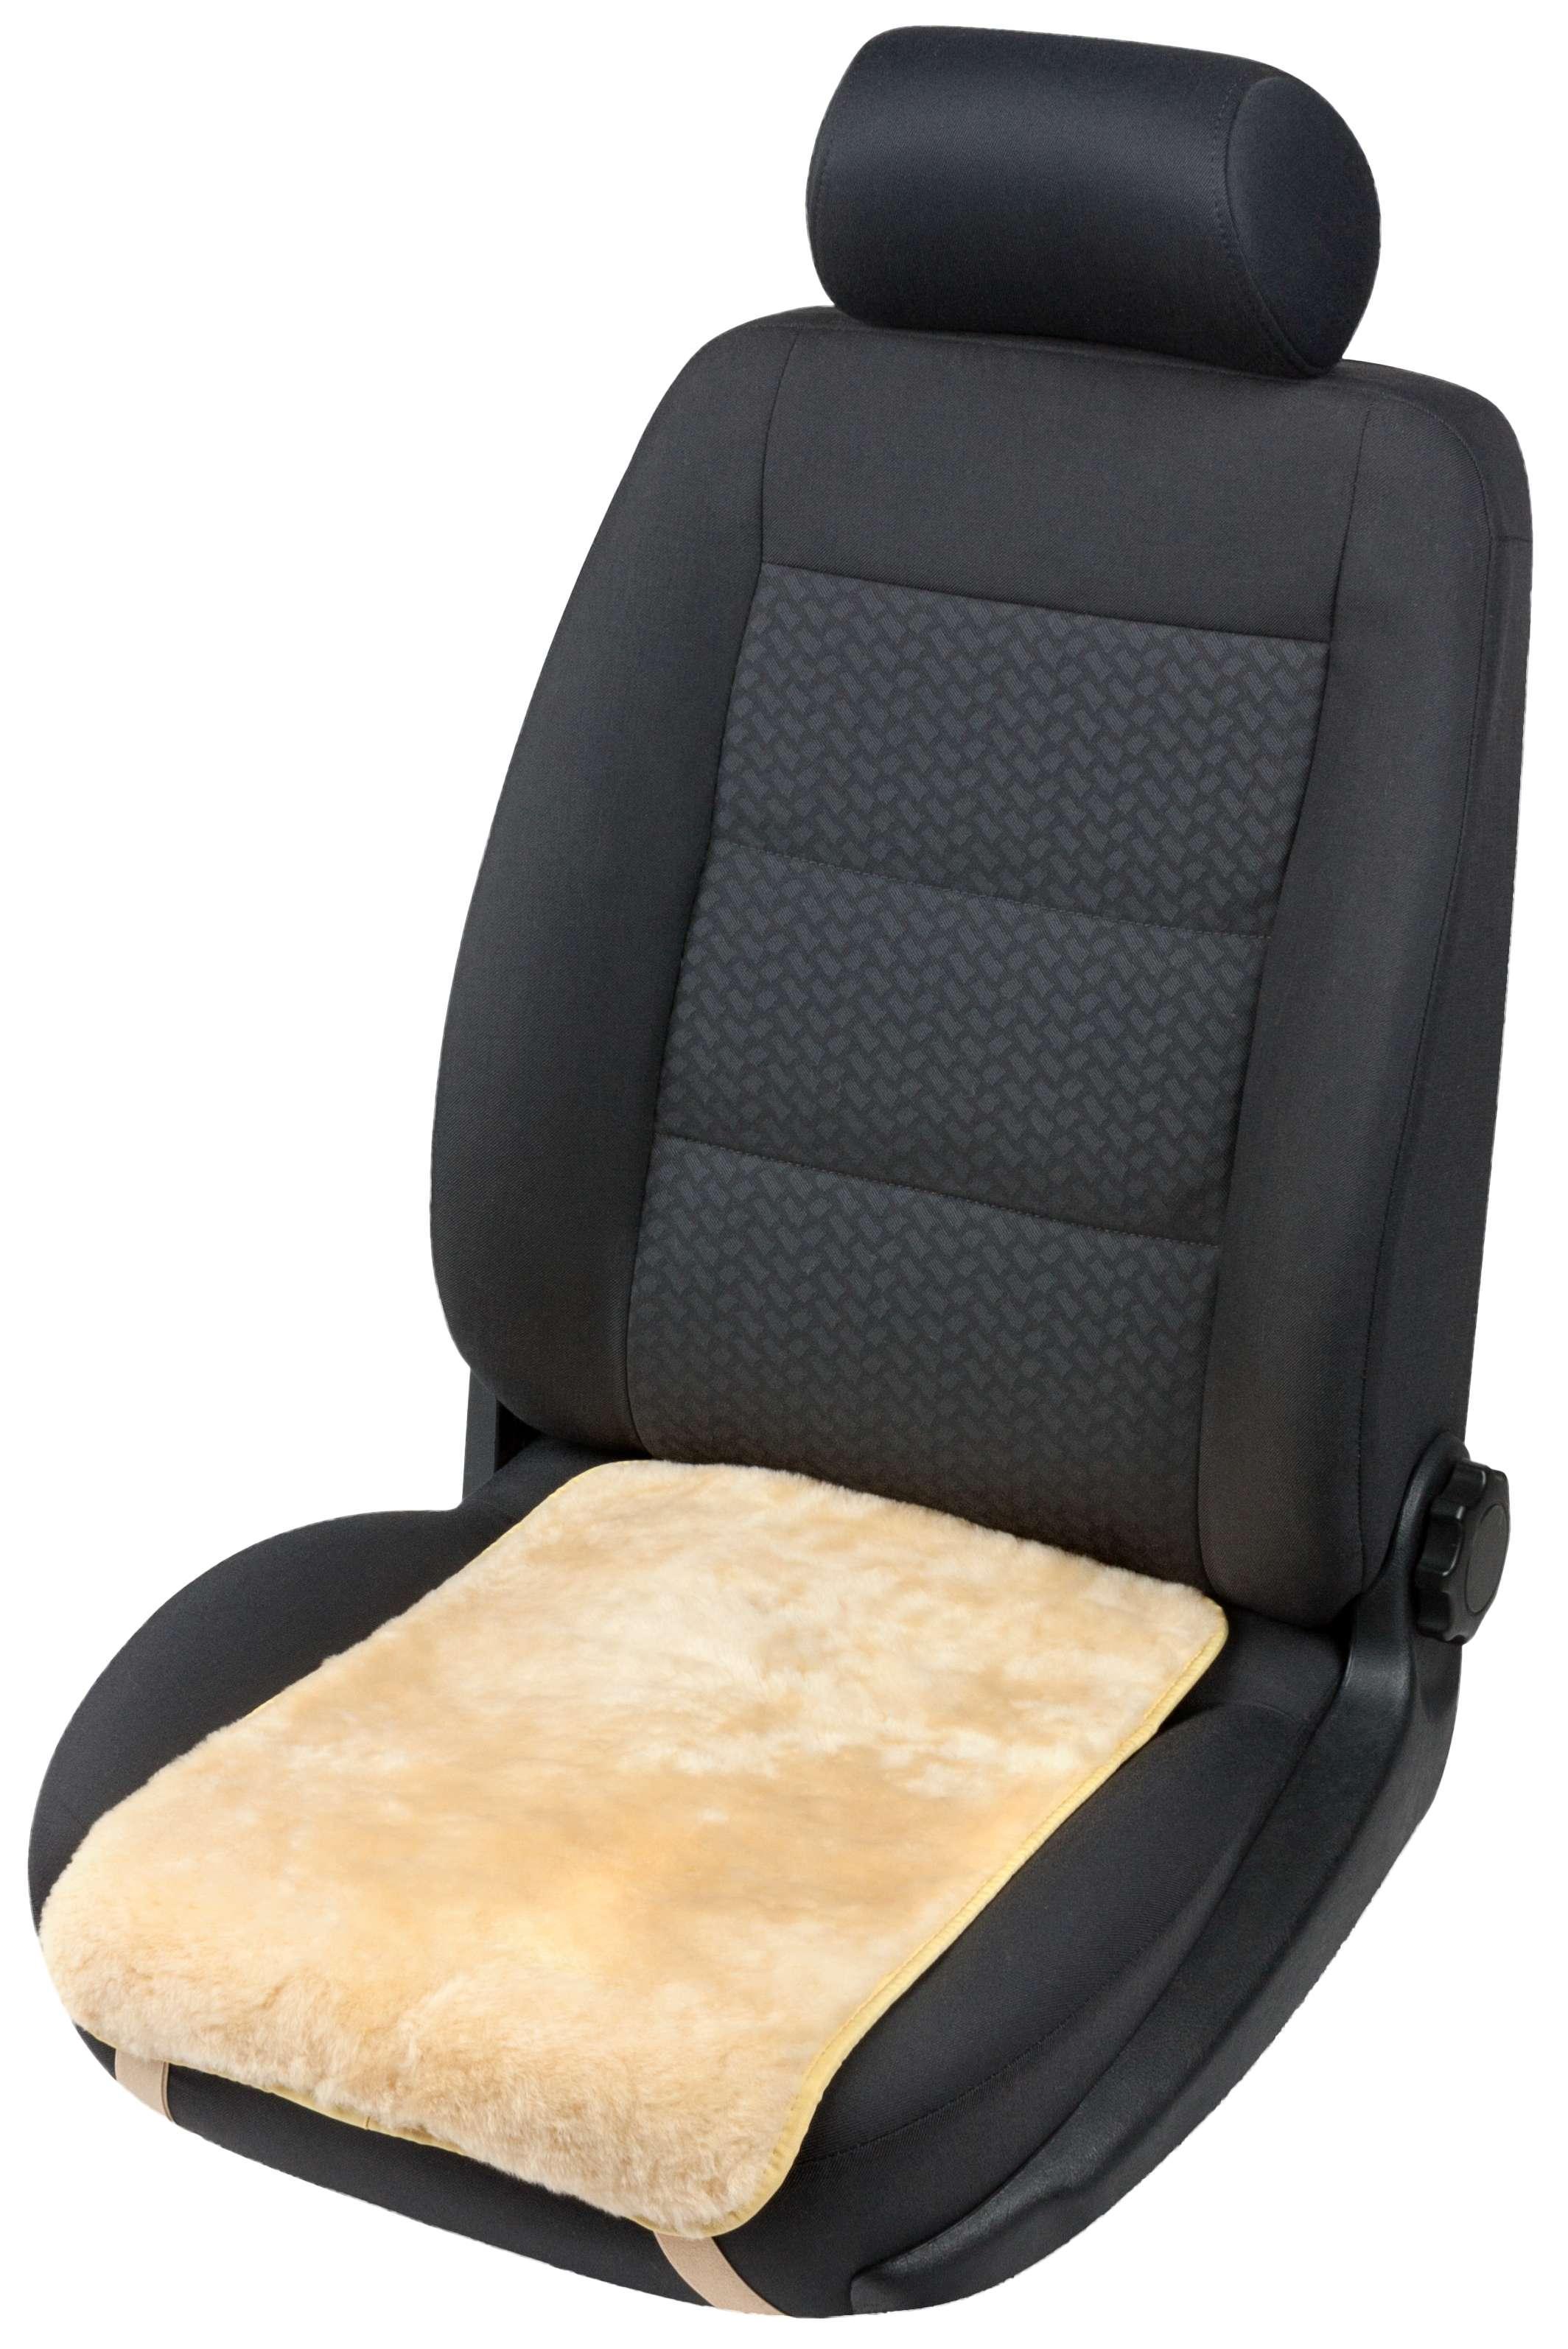 Sitzauflagen für Autos 20015 WALSER 20015 in Original Qualität